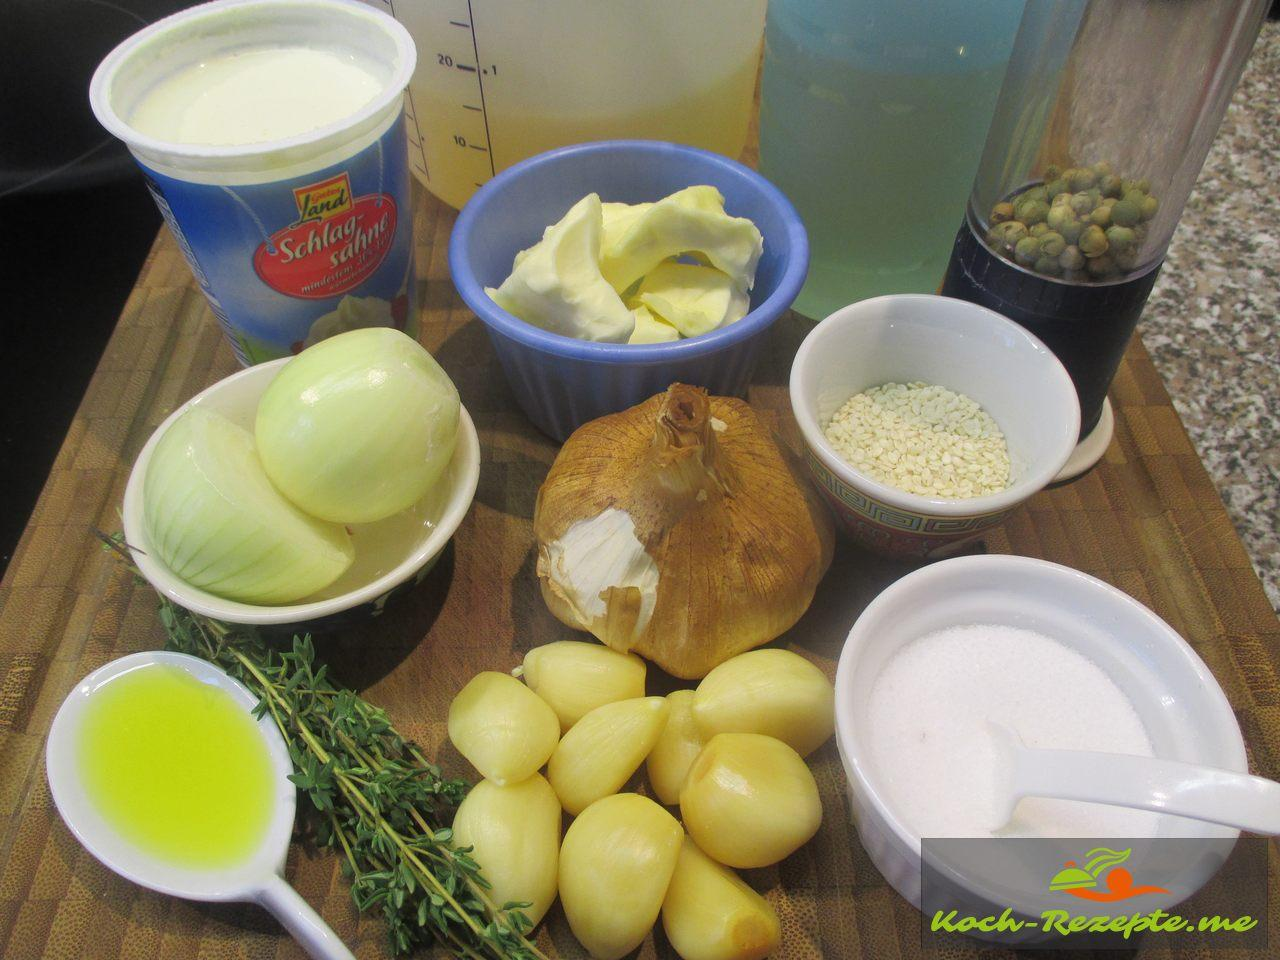 Zutaten für die Knoblauchsuppe